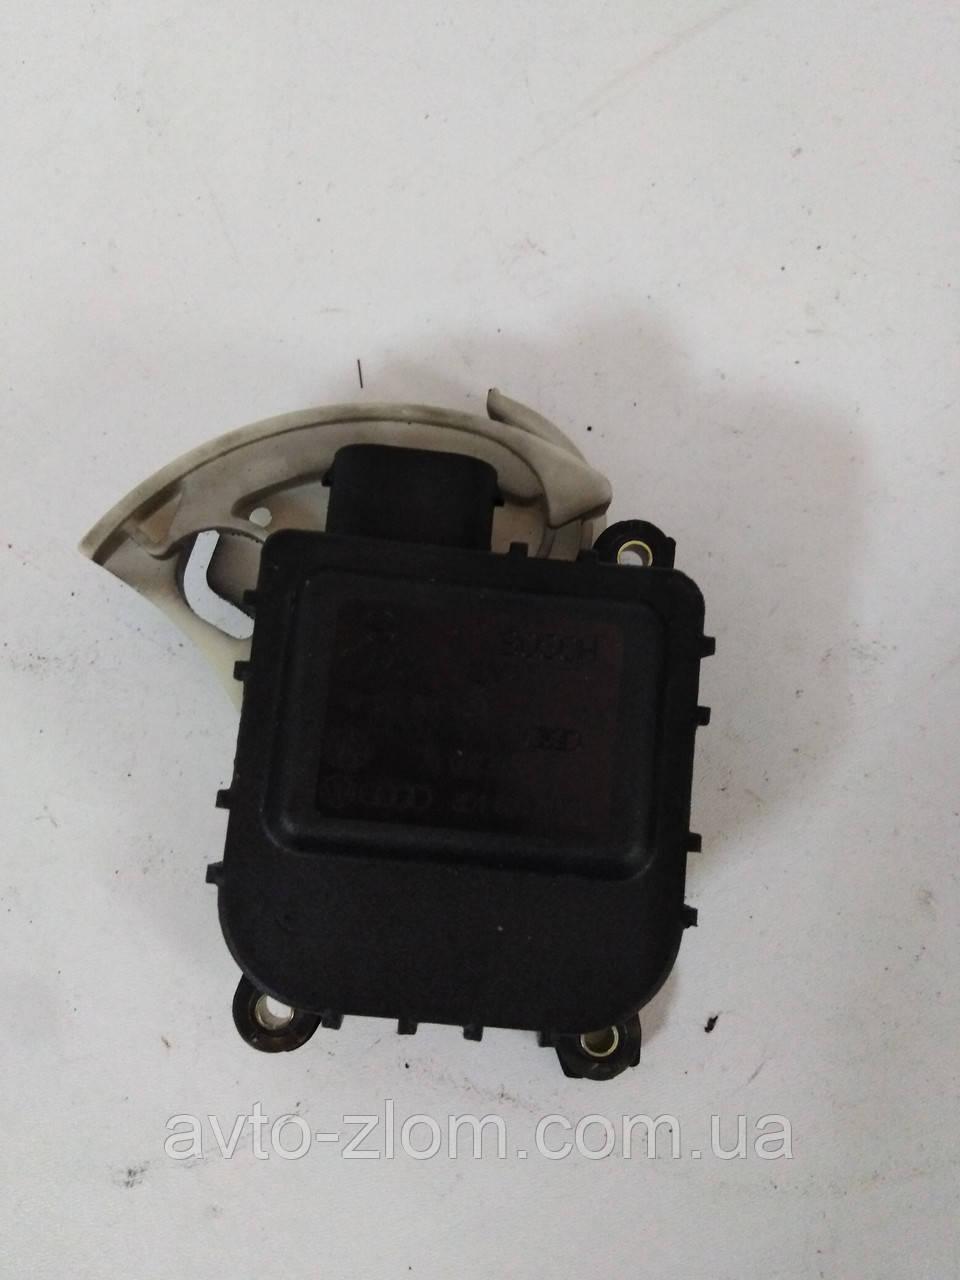 Моторчик, привод заслонки печки Volkswagen Passat B5, Audi A4, Пассат Б5, Ауди А4. 8D1820511C, 0132801148.